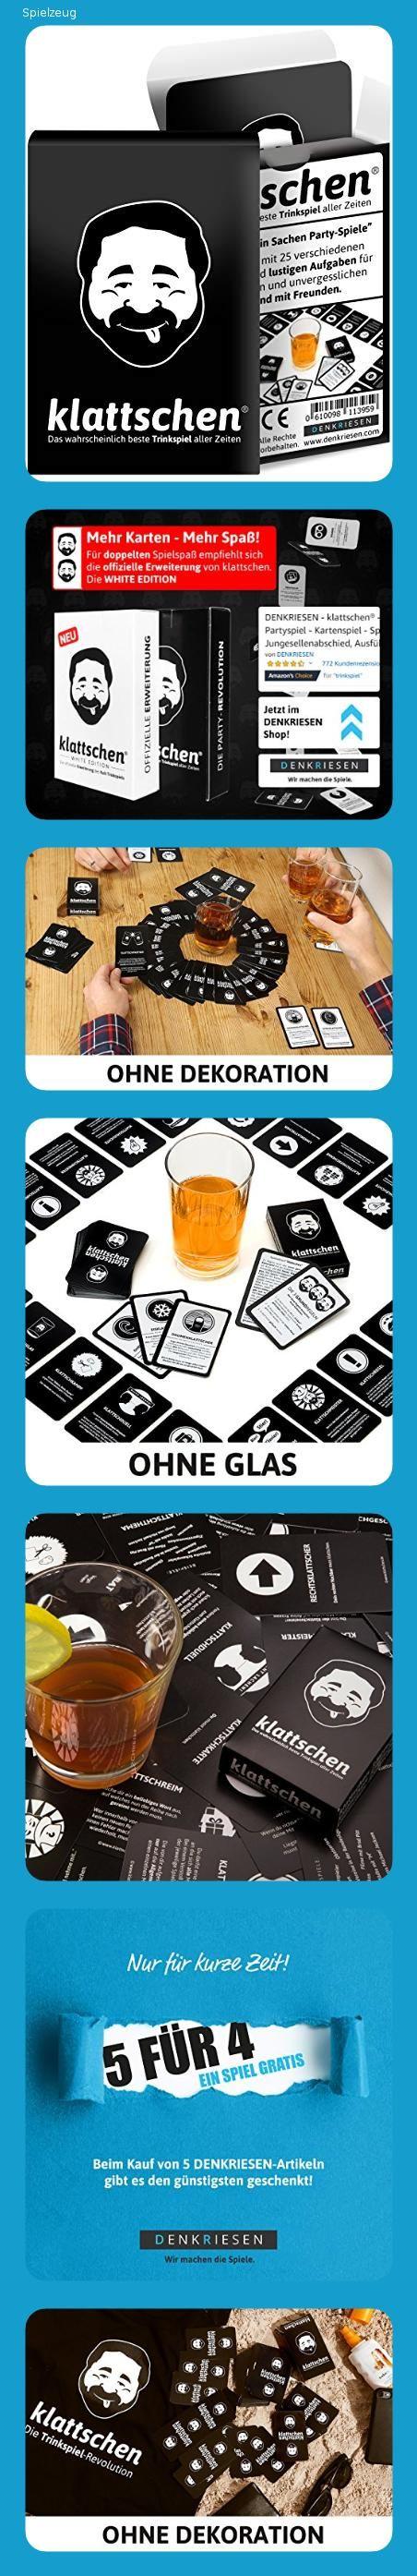 Kartenspiel Saufen